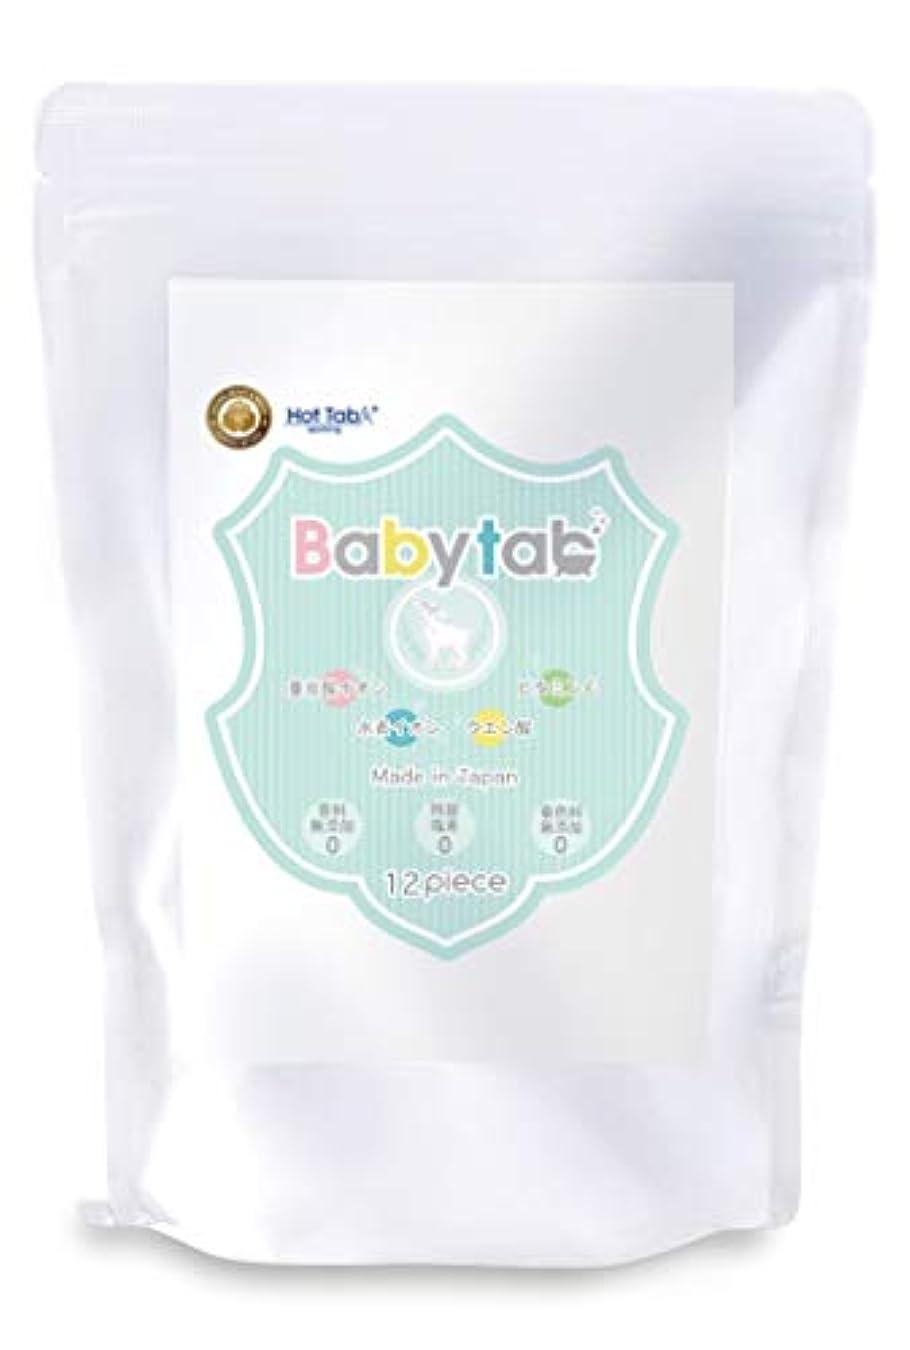 約マーク消費するベビタブ【Babytab】重炭酸 中性 入浴剤 沐浴剤 12錠入り お試しサイズ(無添加 無香料 保湿 乾燥肌 オーガニック 塩素除去)赤ちゃんから使える